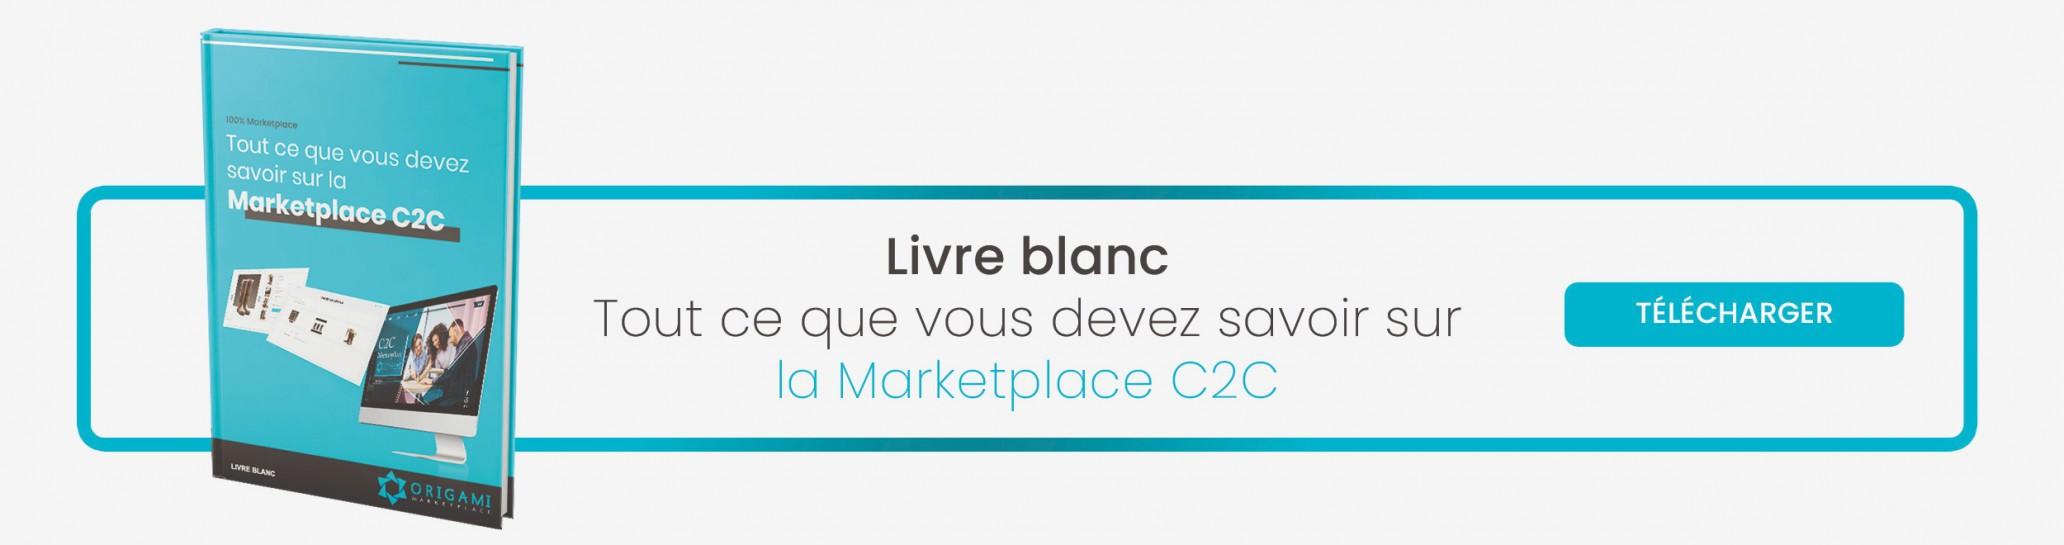 Télécharger le livre blanc marketplace C2C